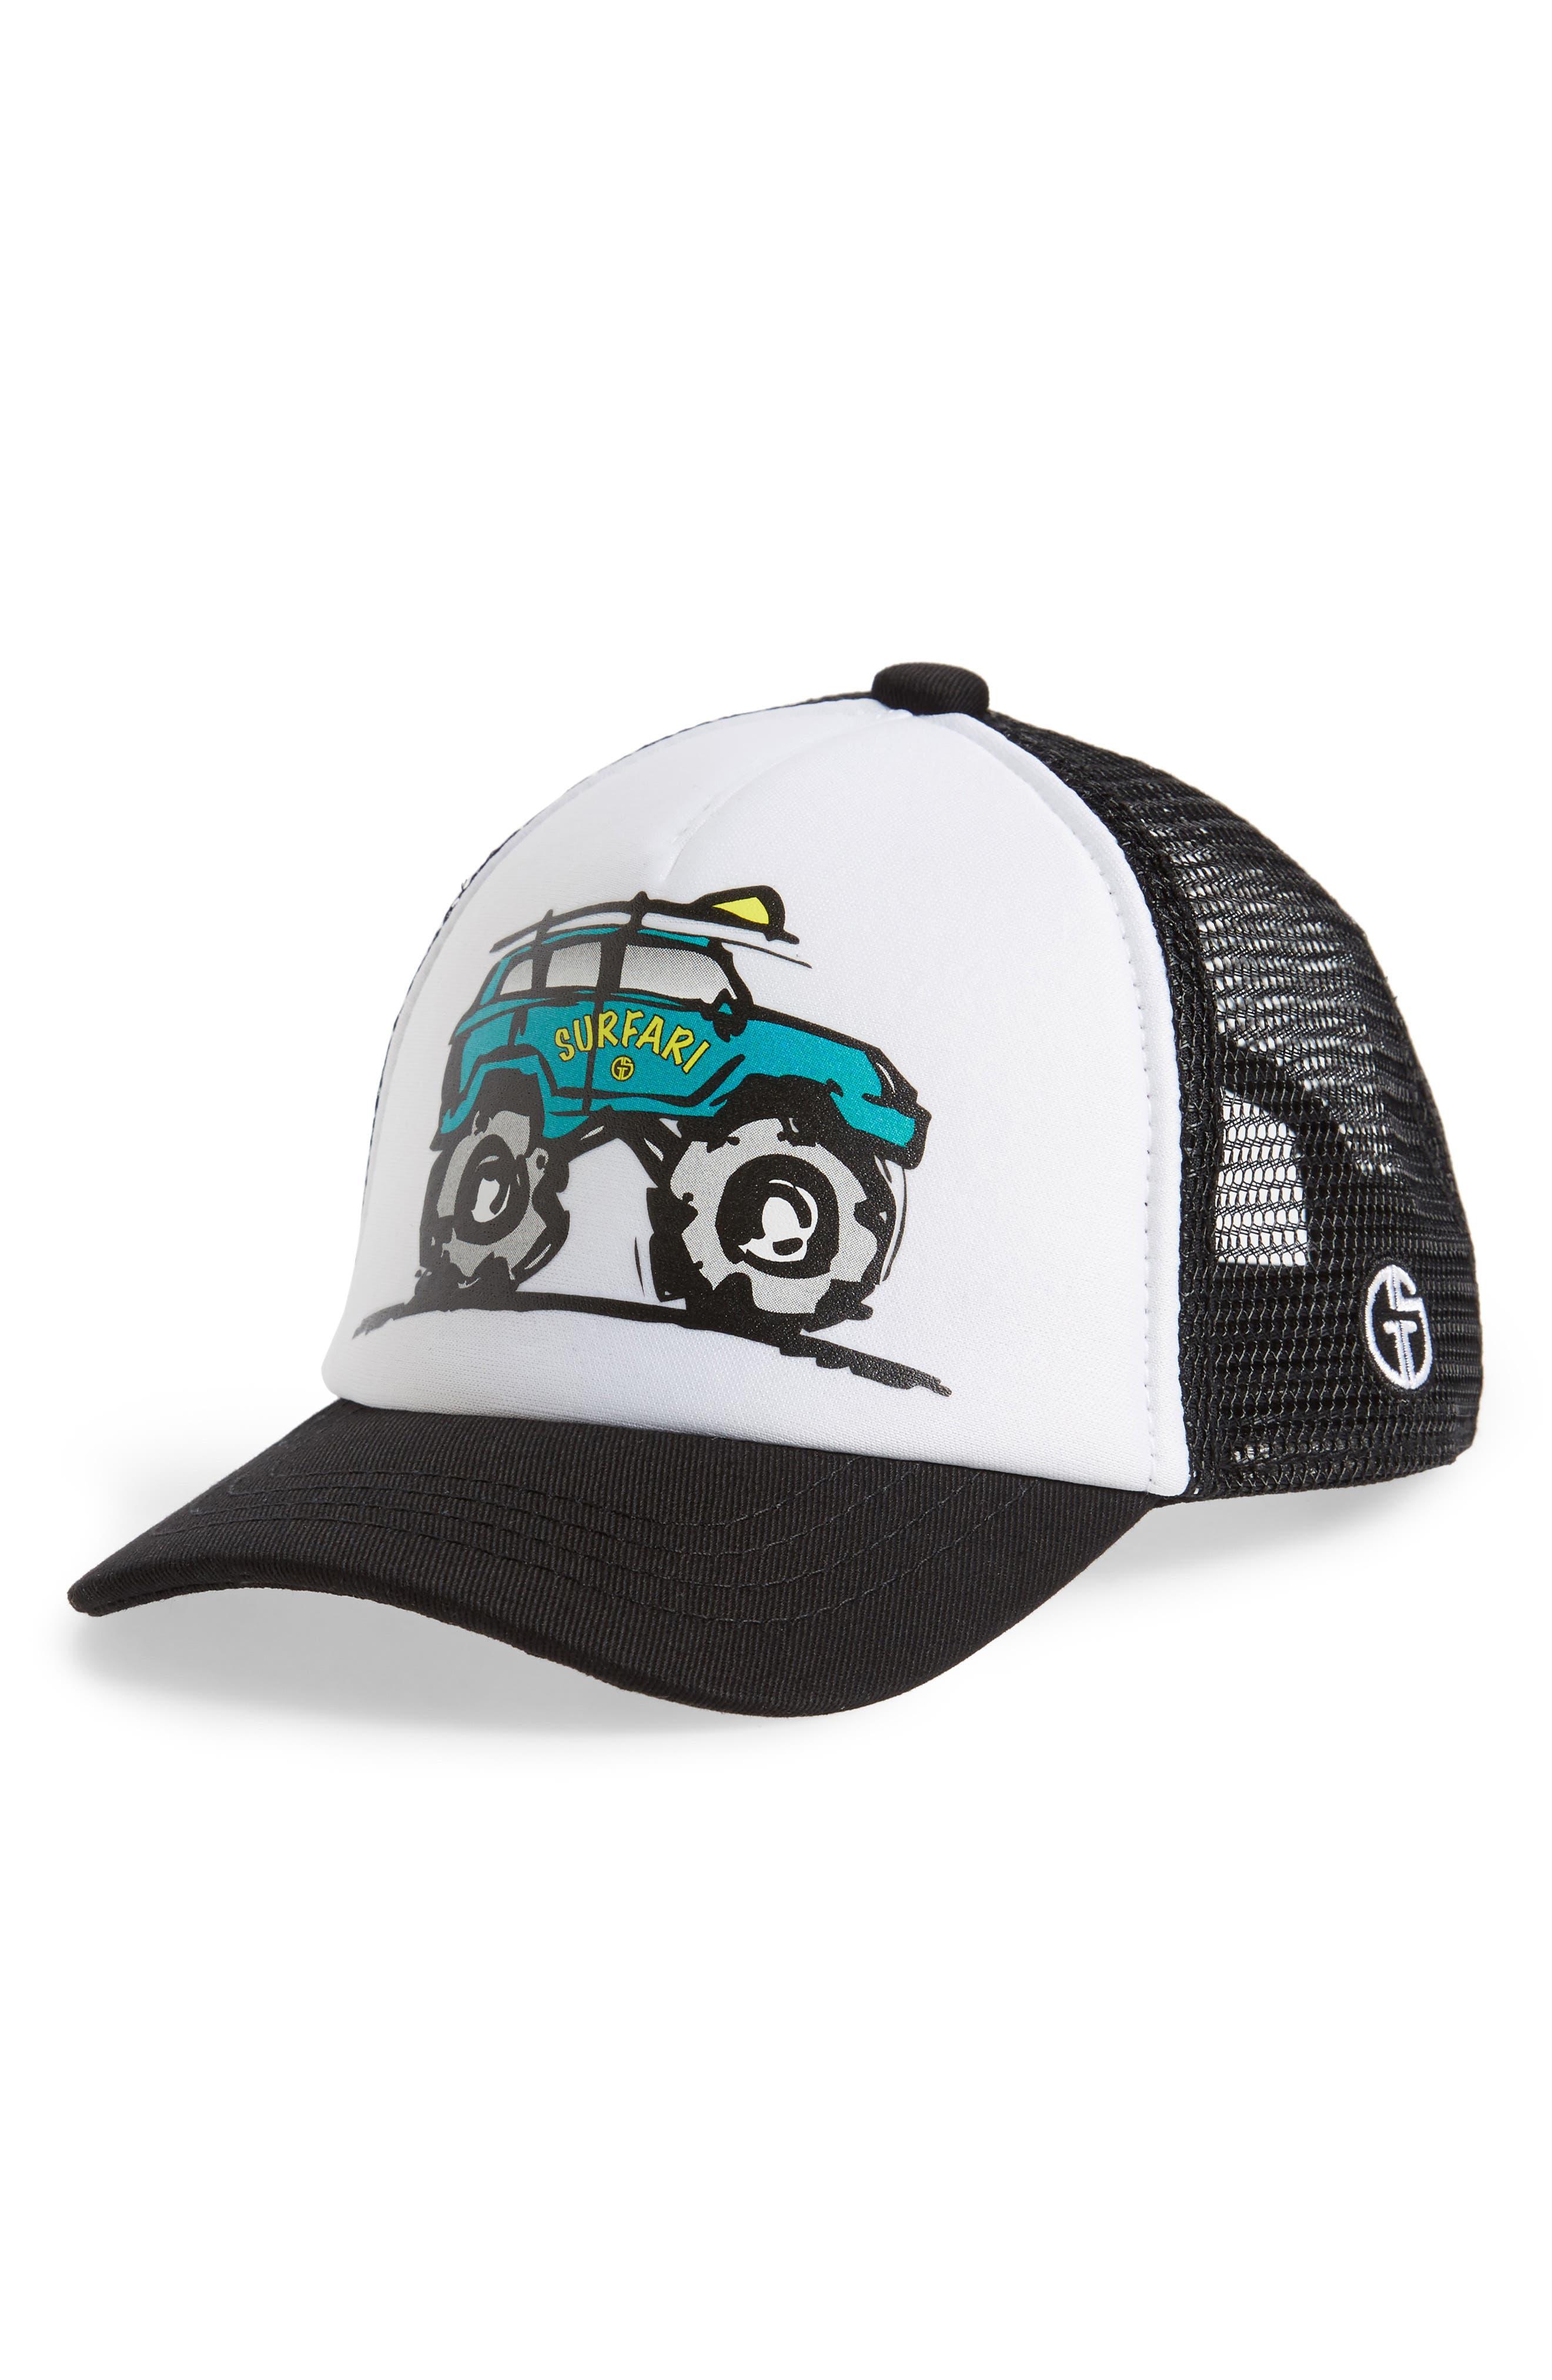 Surfari Trucker Hat,                             Main thumbnail 1, color,                             BLACK/ WHITE